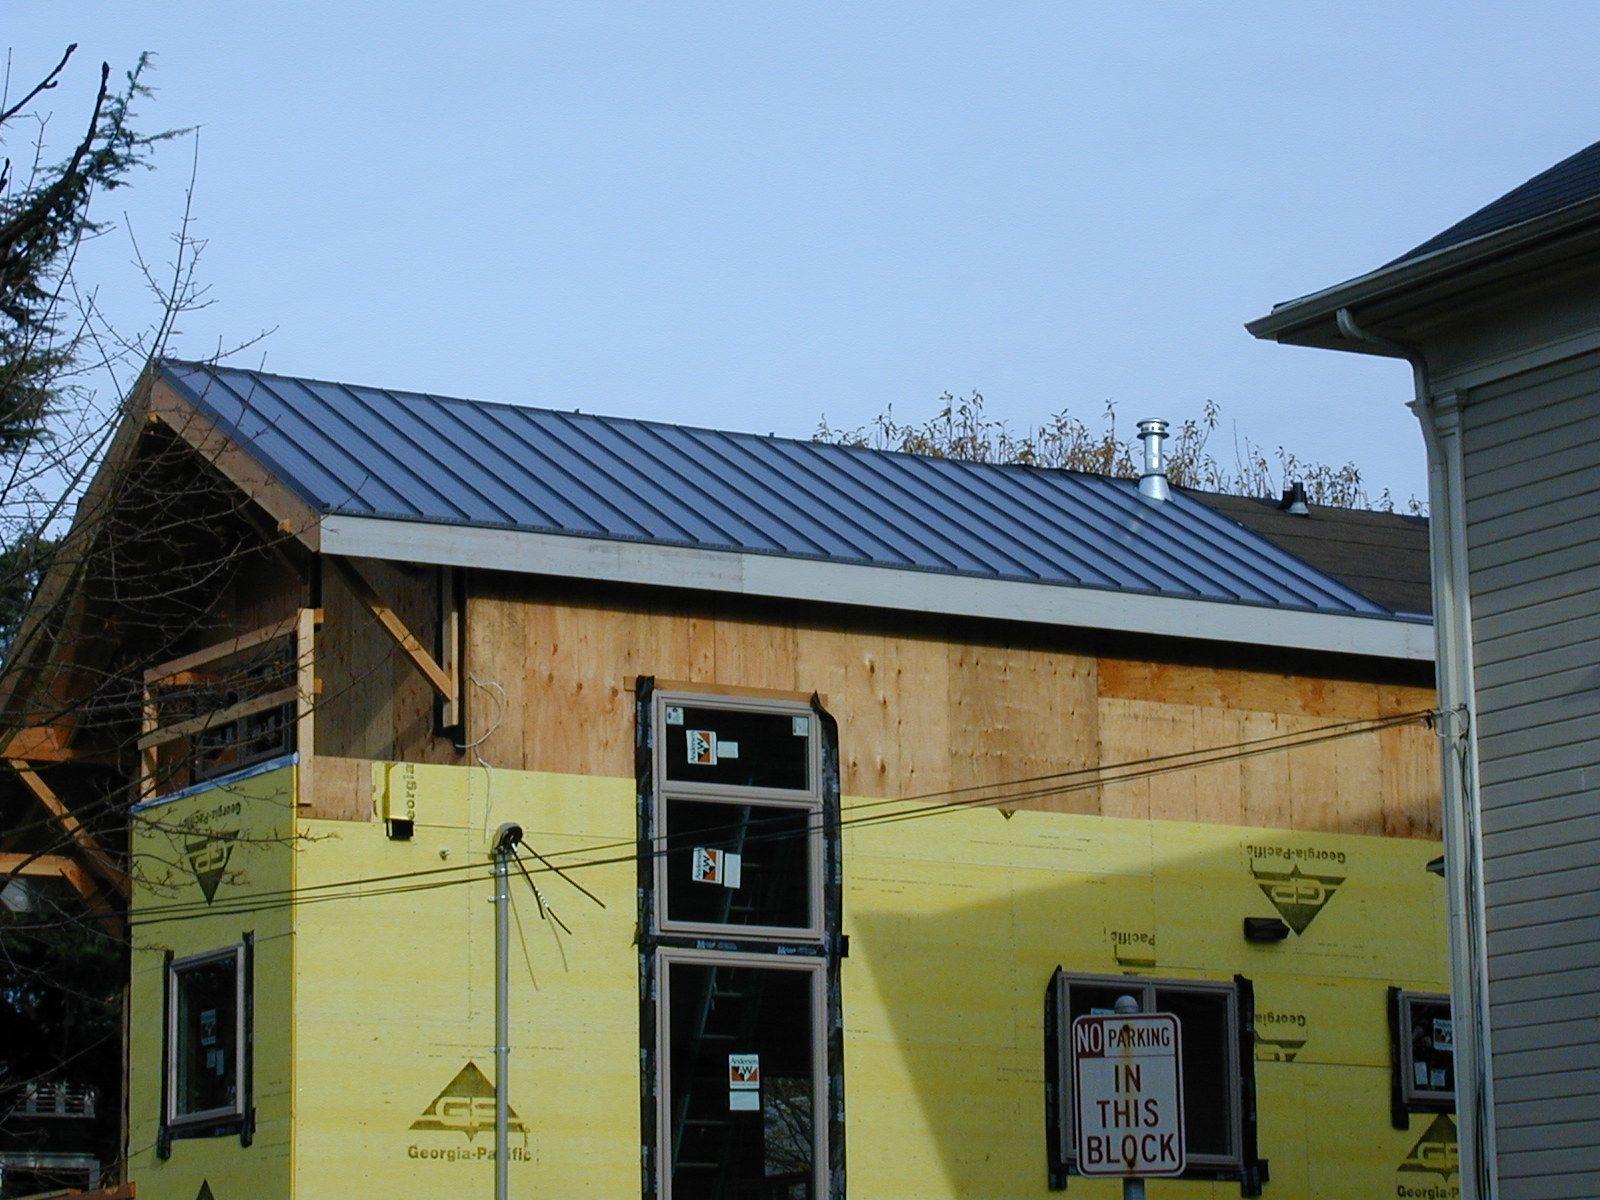 2003 Q4 Duplex Roof11.jpg